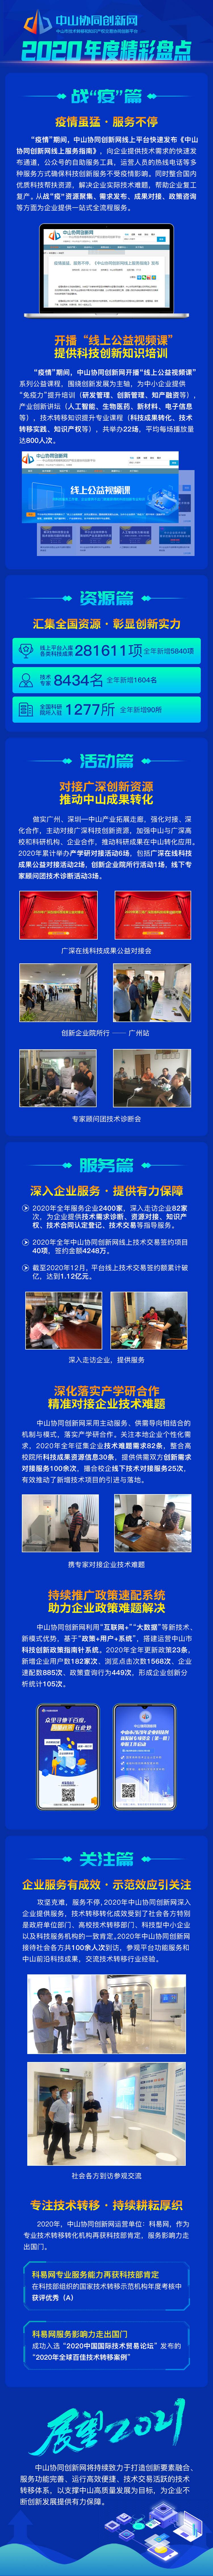 中山协同创新网2020年度盘点(5)(1)(1).jpg